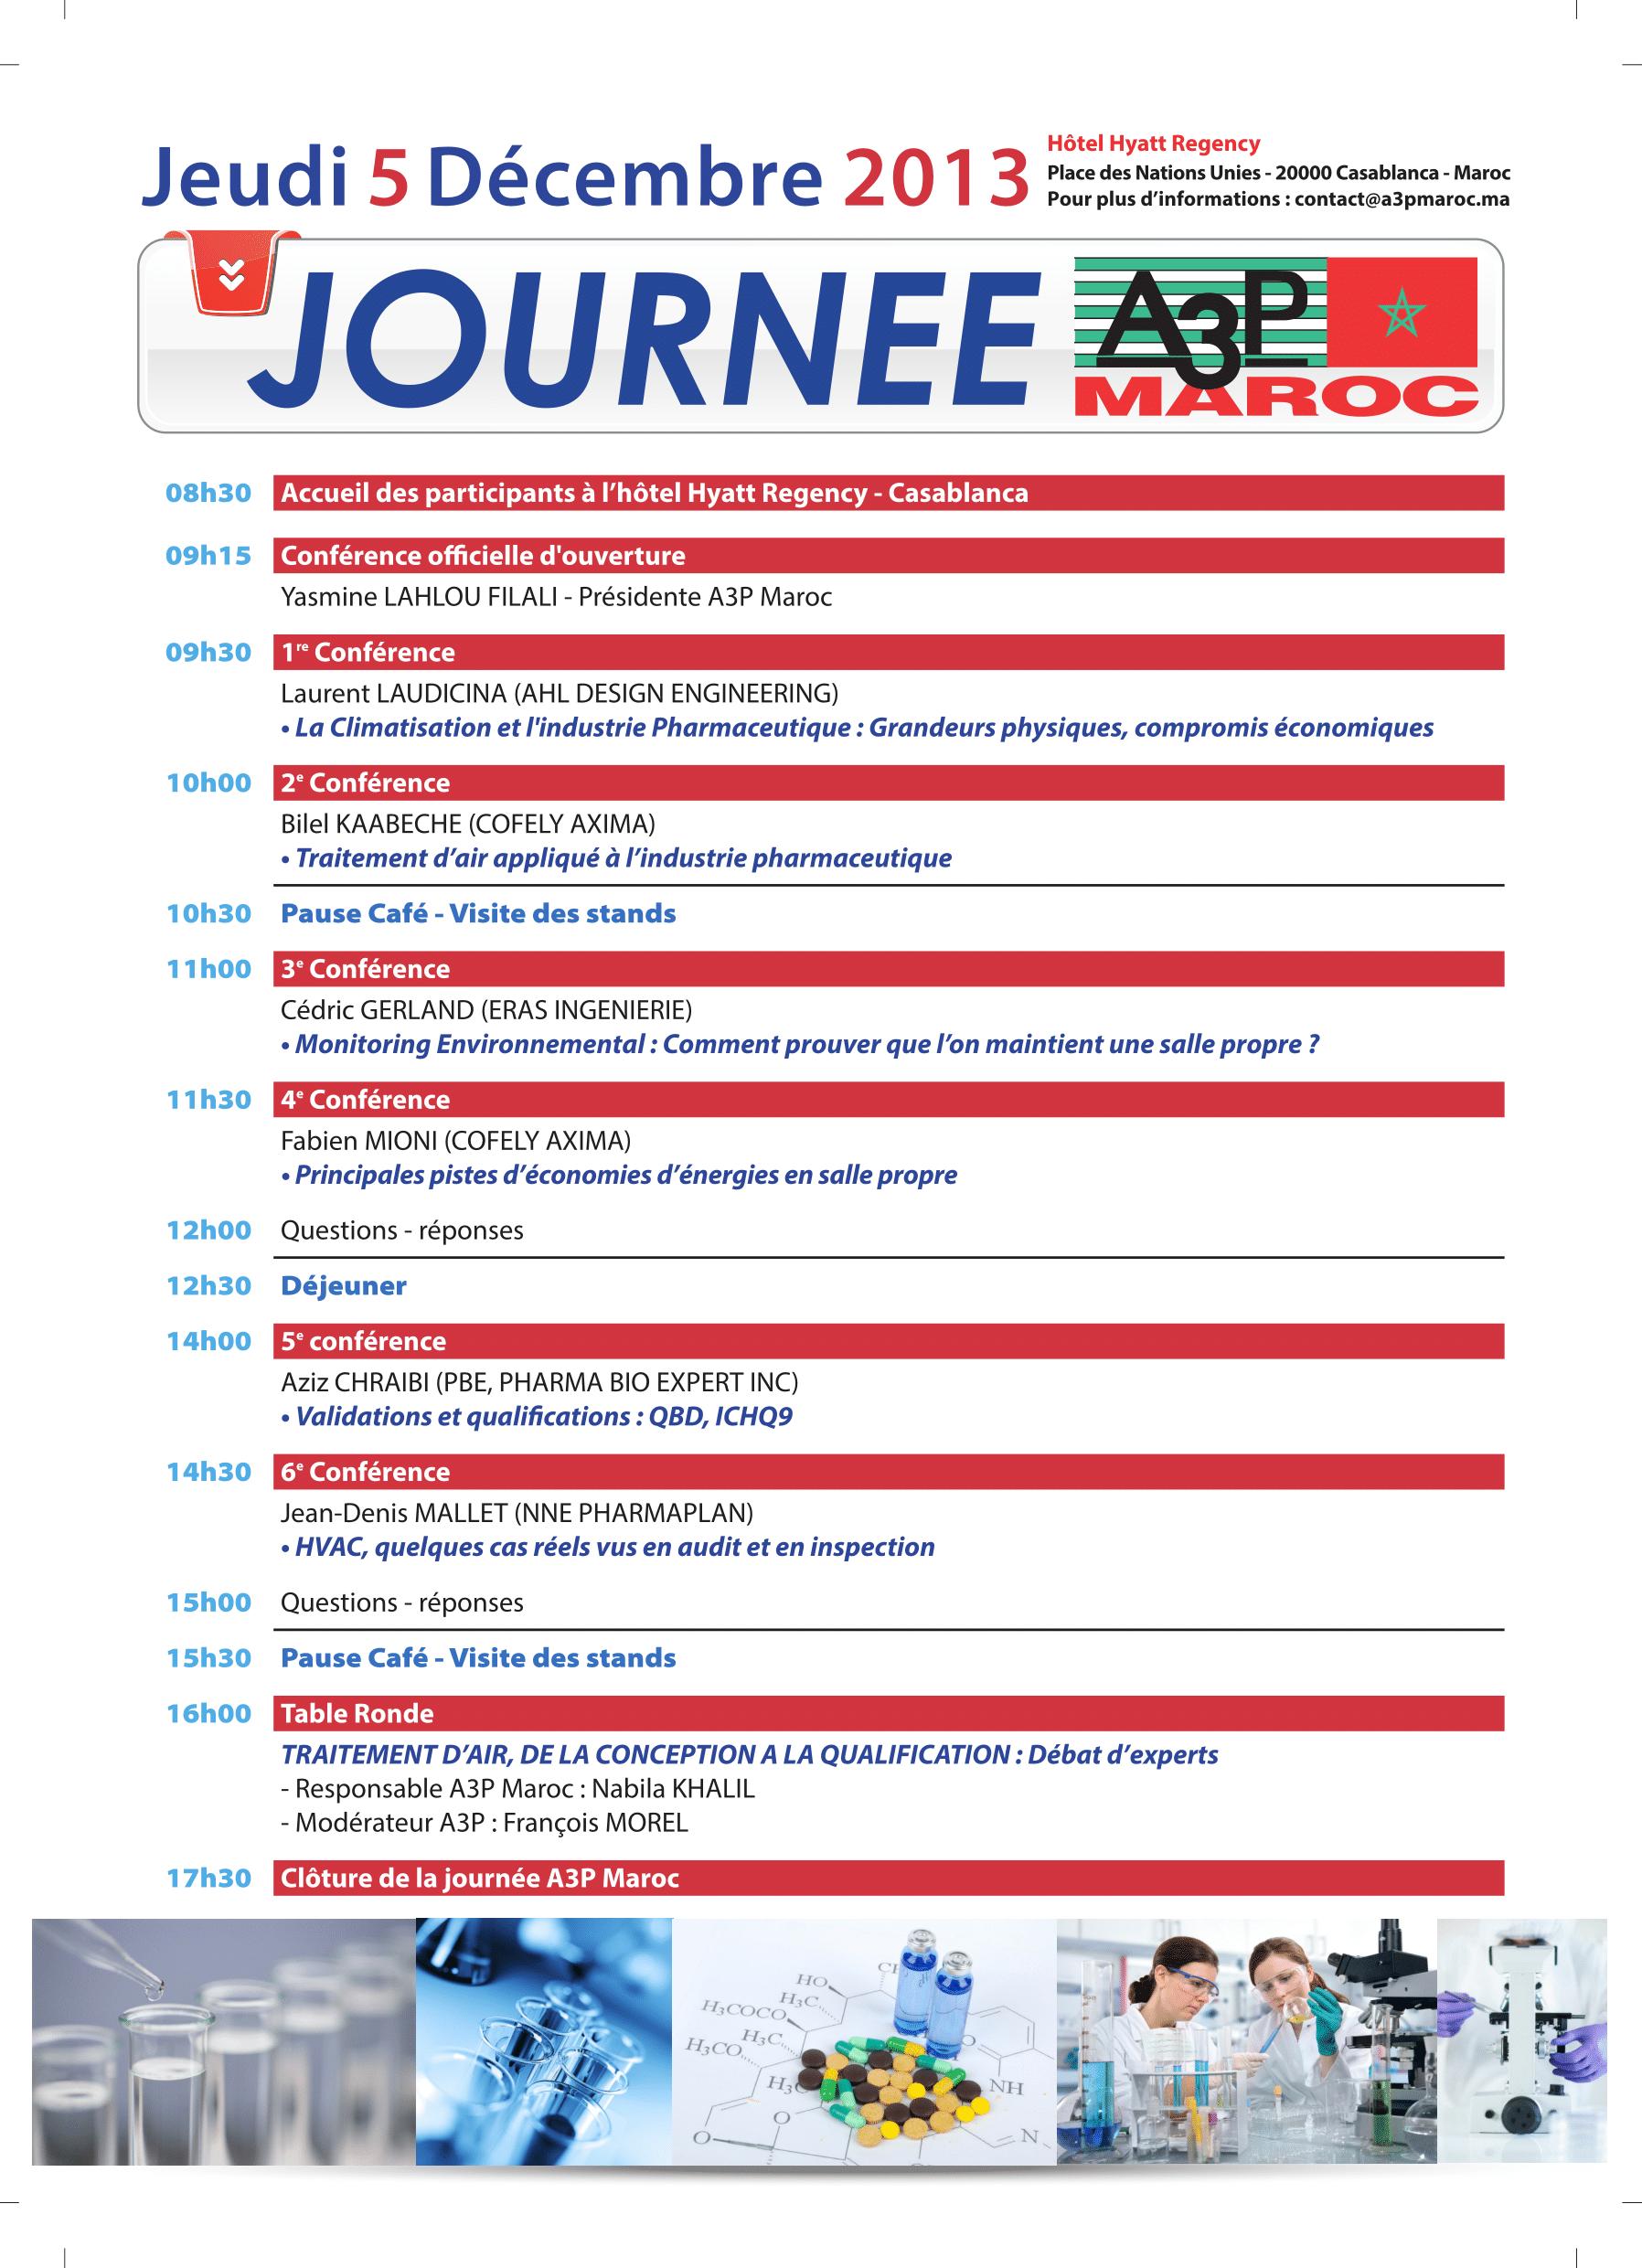 https://pbe-expert.com/wp-content/uploads/2018/04/PBE-A3P-Maroc-Programme-05-Décembre-2013-1.png